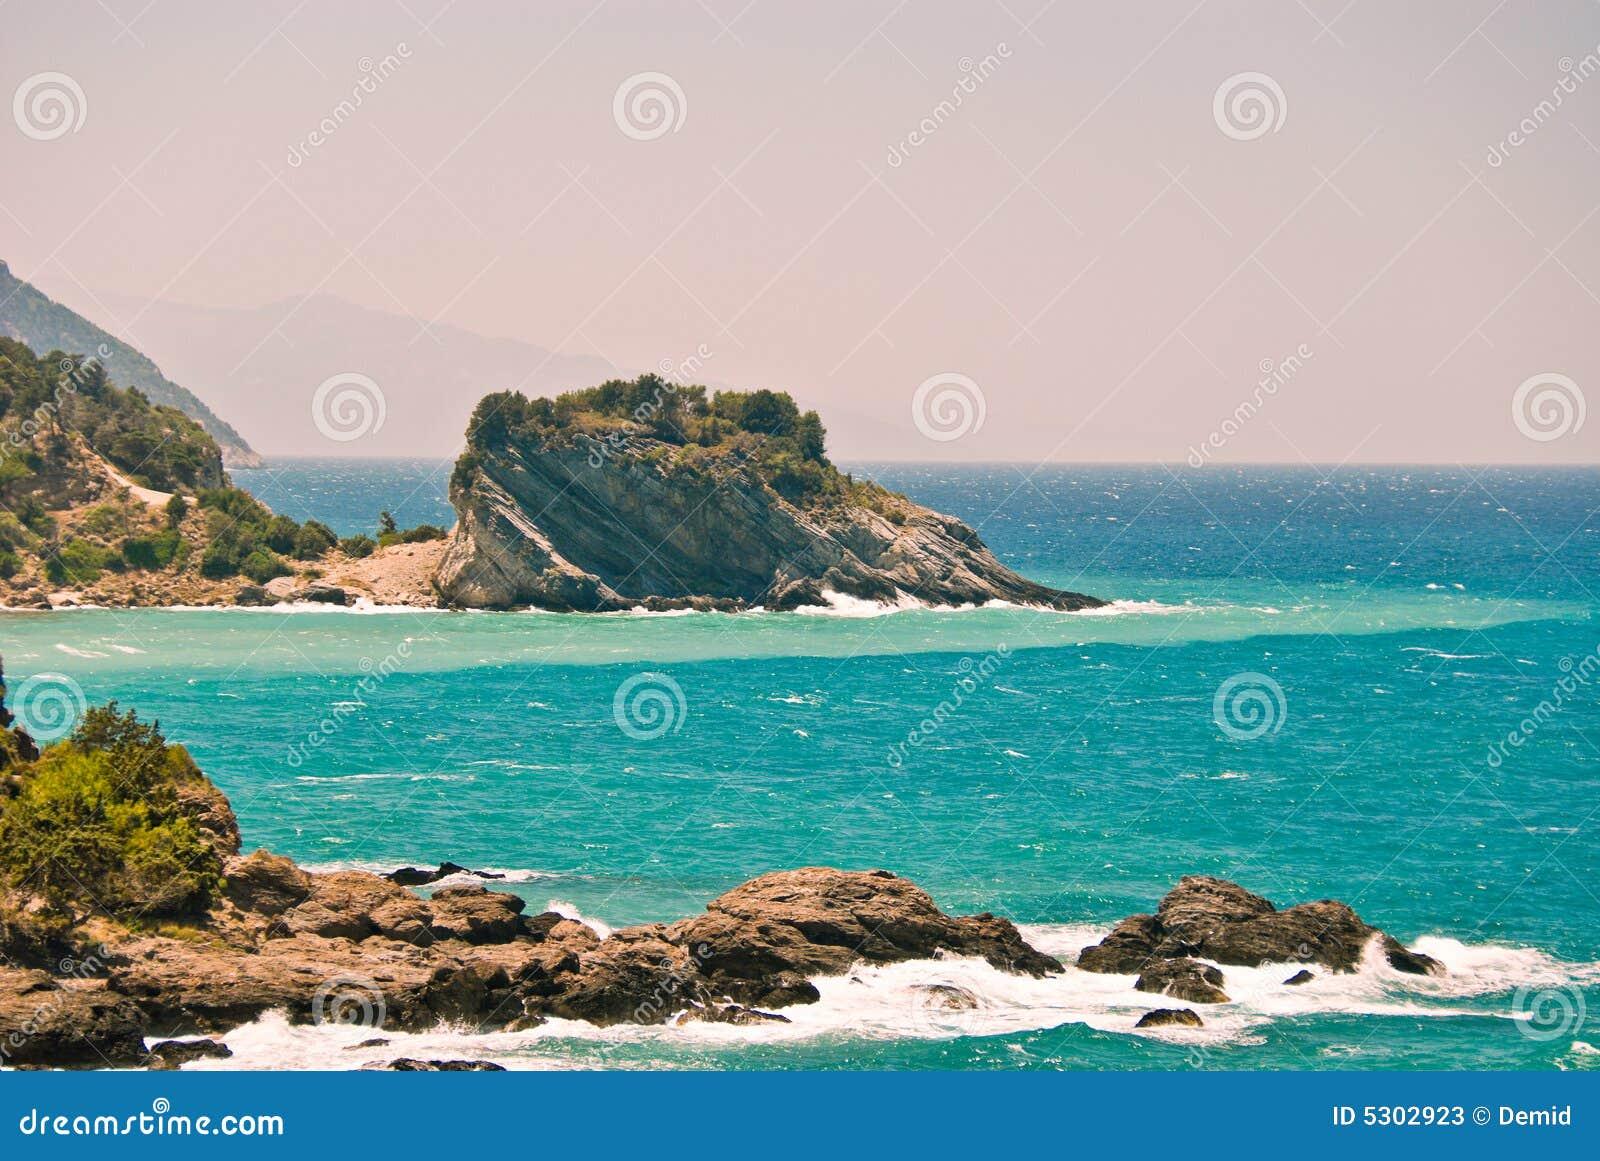 Download Spiaggia rocciosa immagine stock. Immagine di seascape - 5302923